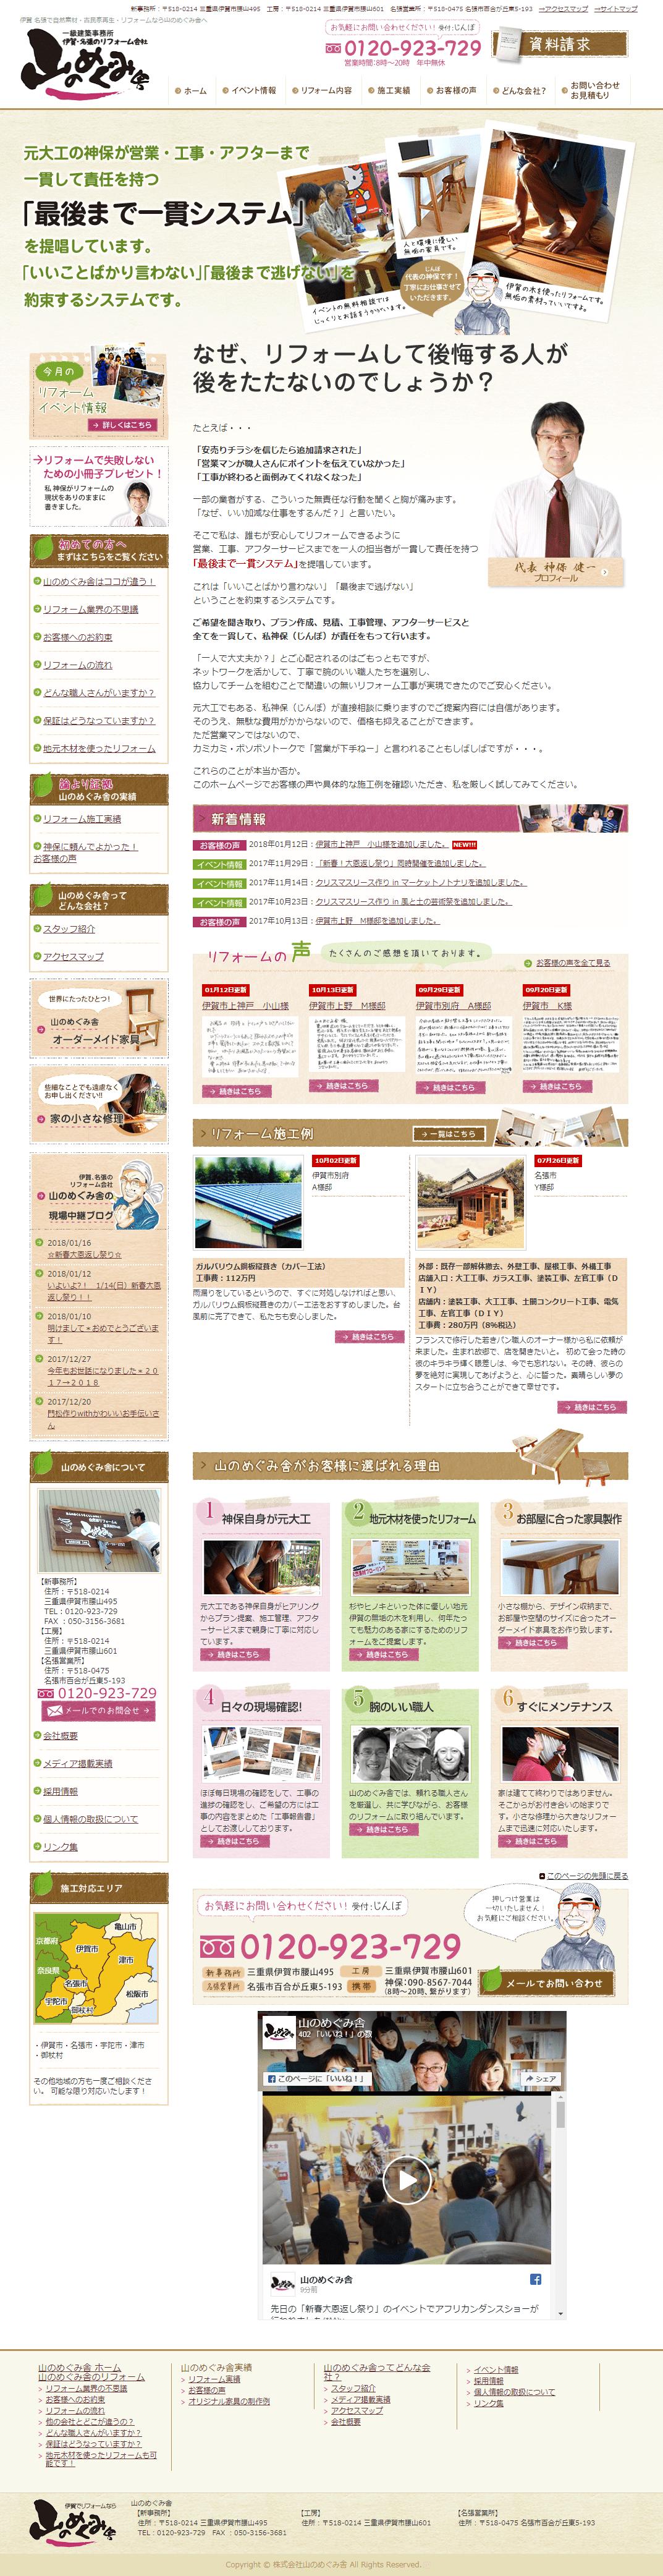 伊賀市 山のめぐみ舎様 ホームページ制作1